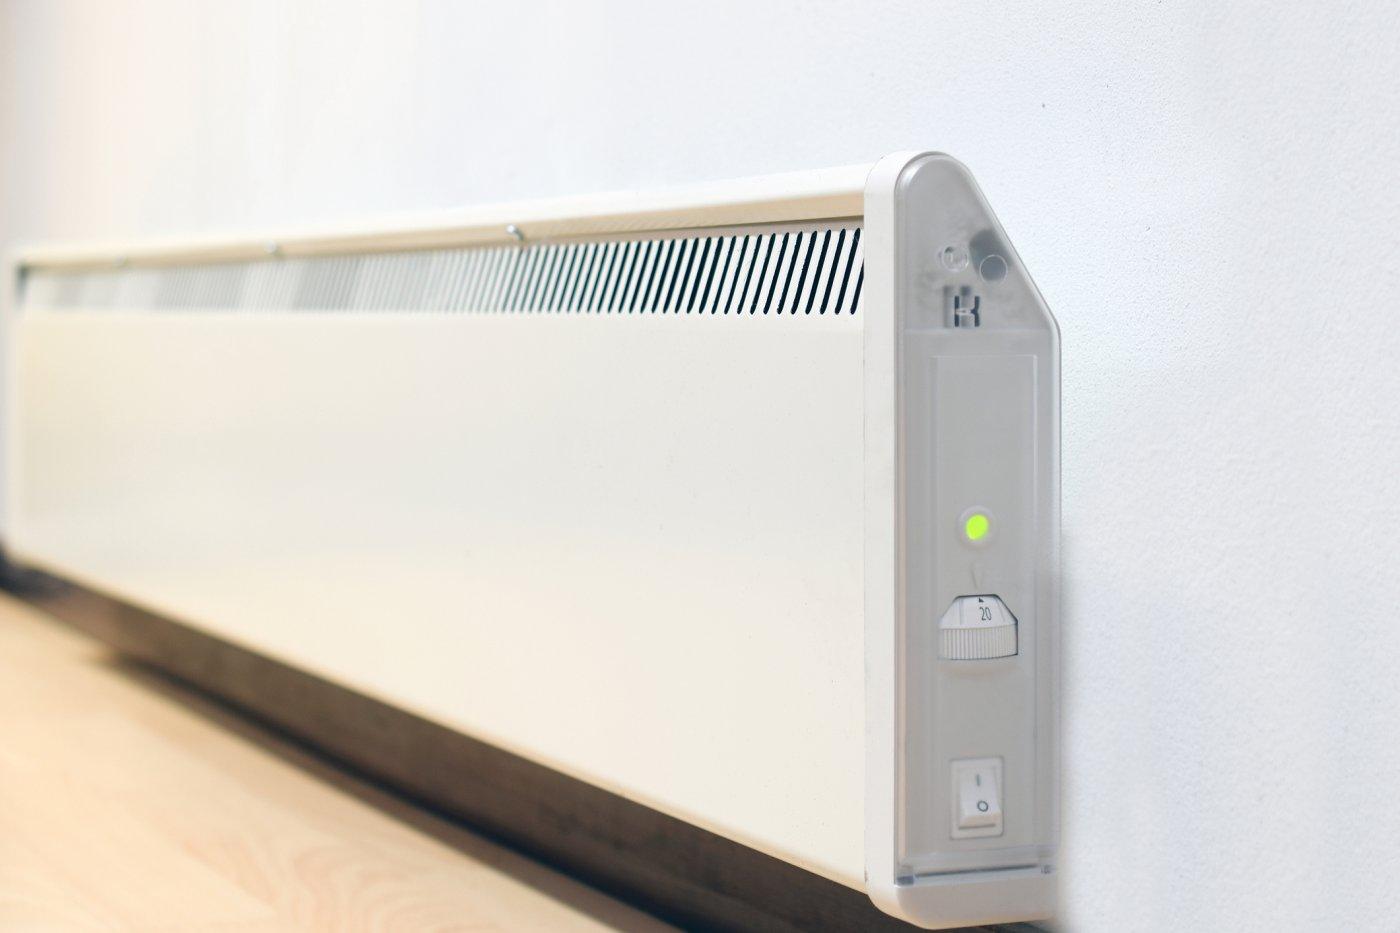 en veggmontert panelovn som er stilt inn på 20 grader